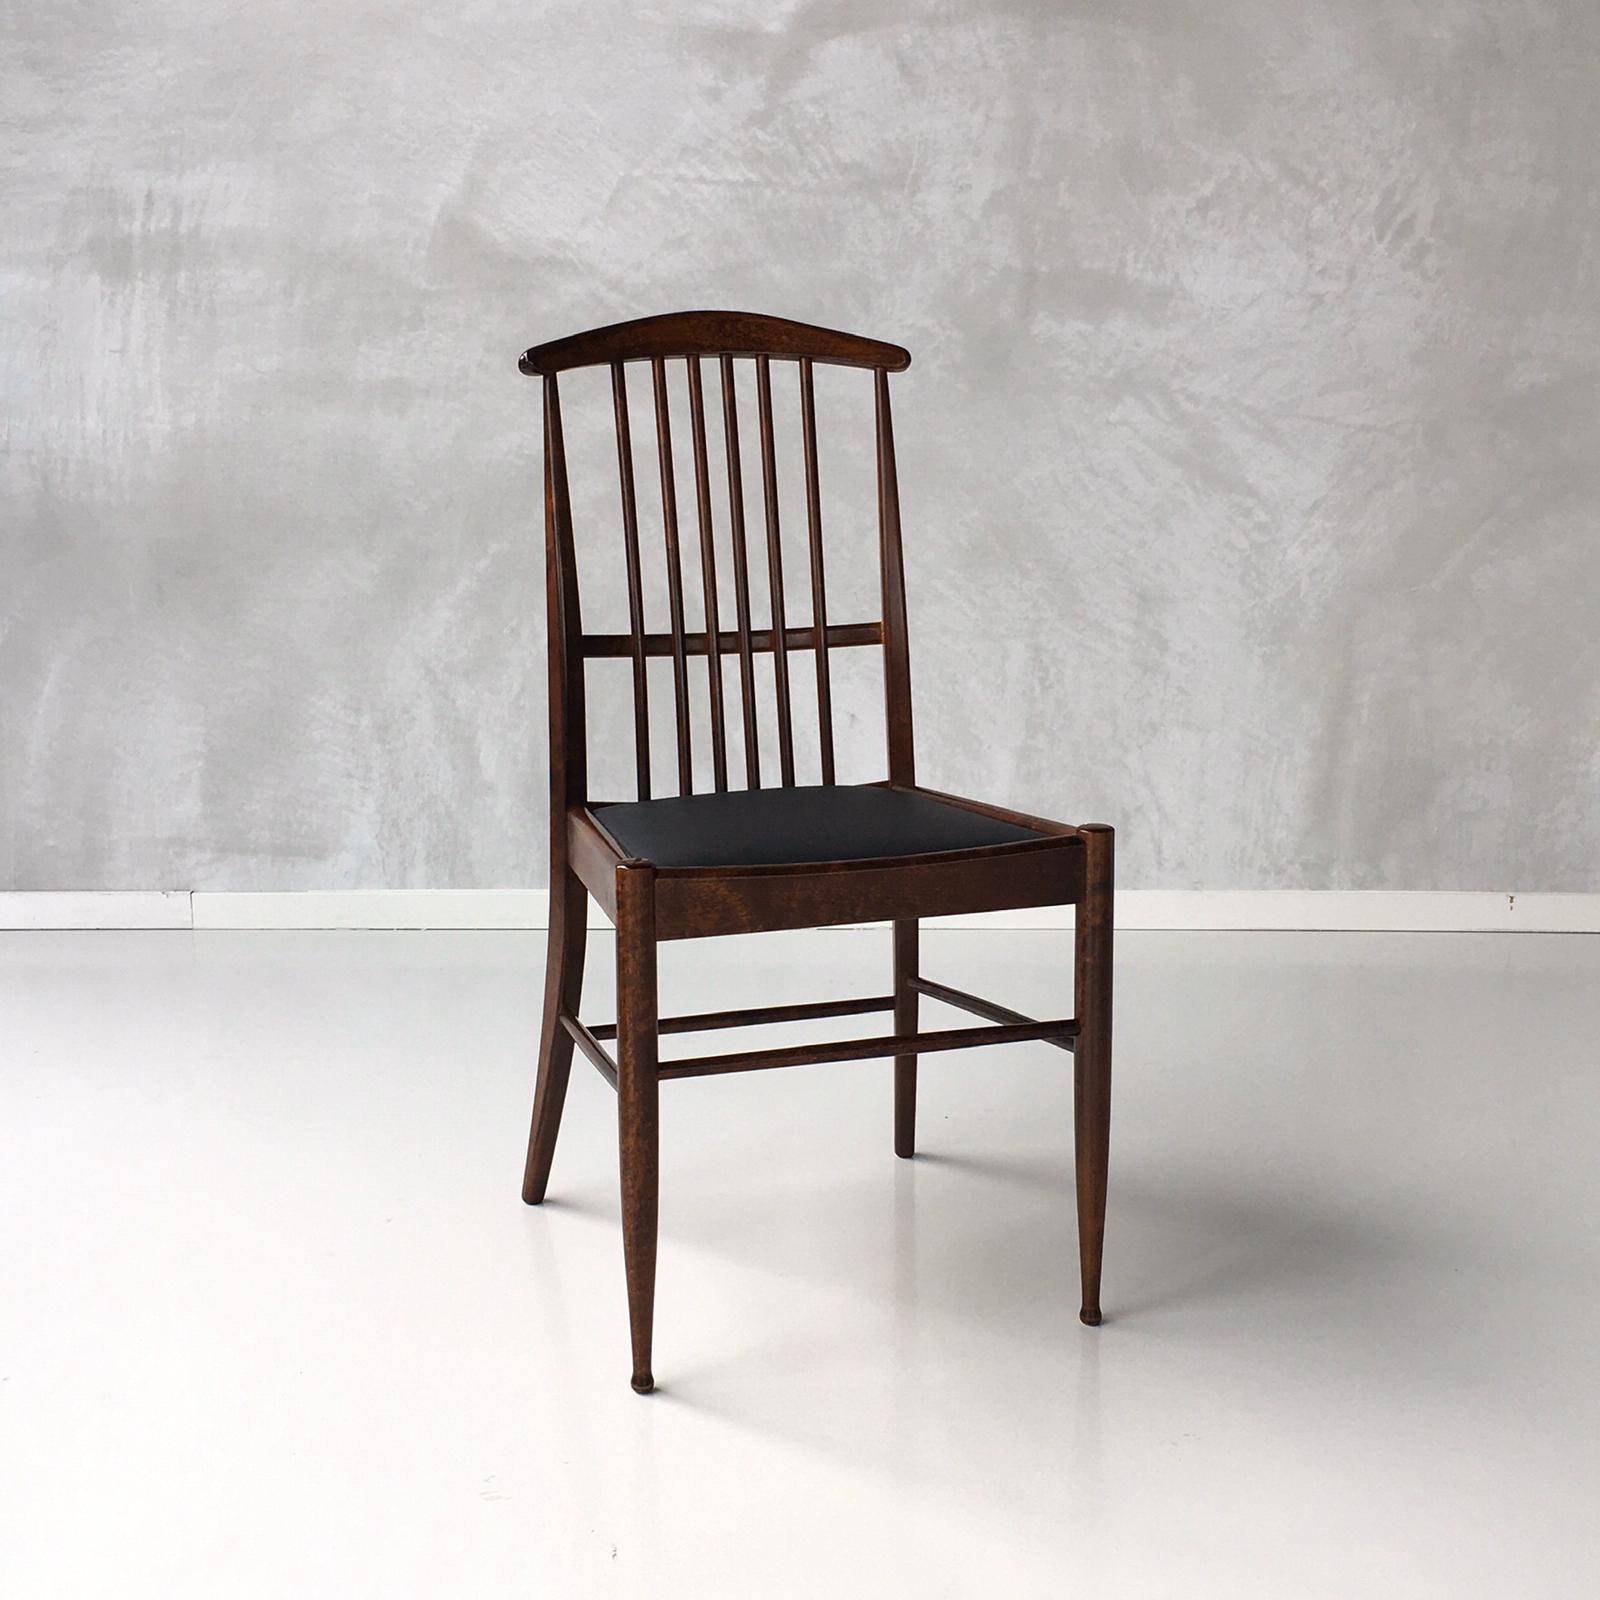 strijk-design-vintage-chair_04